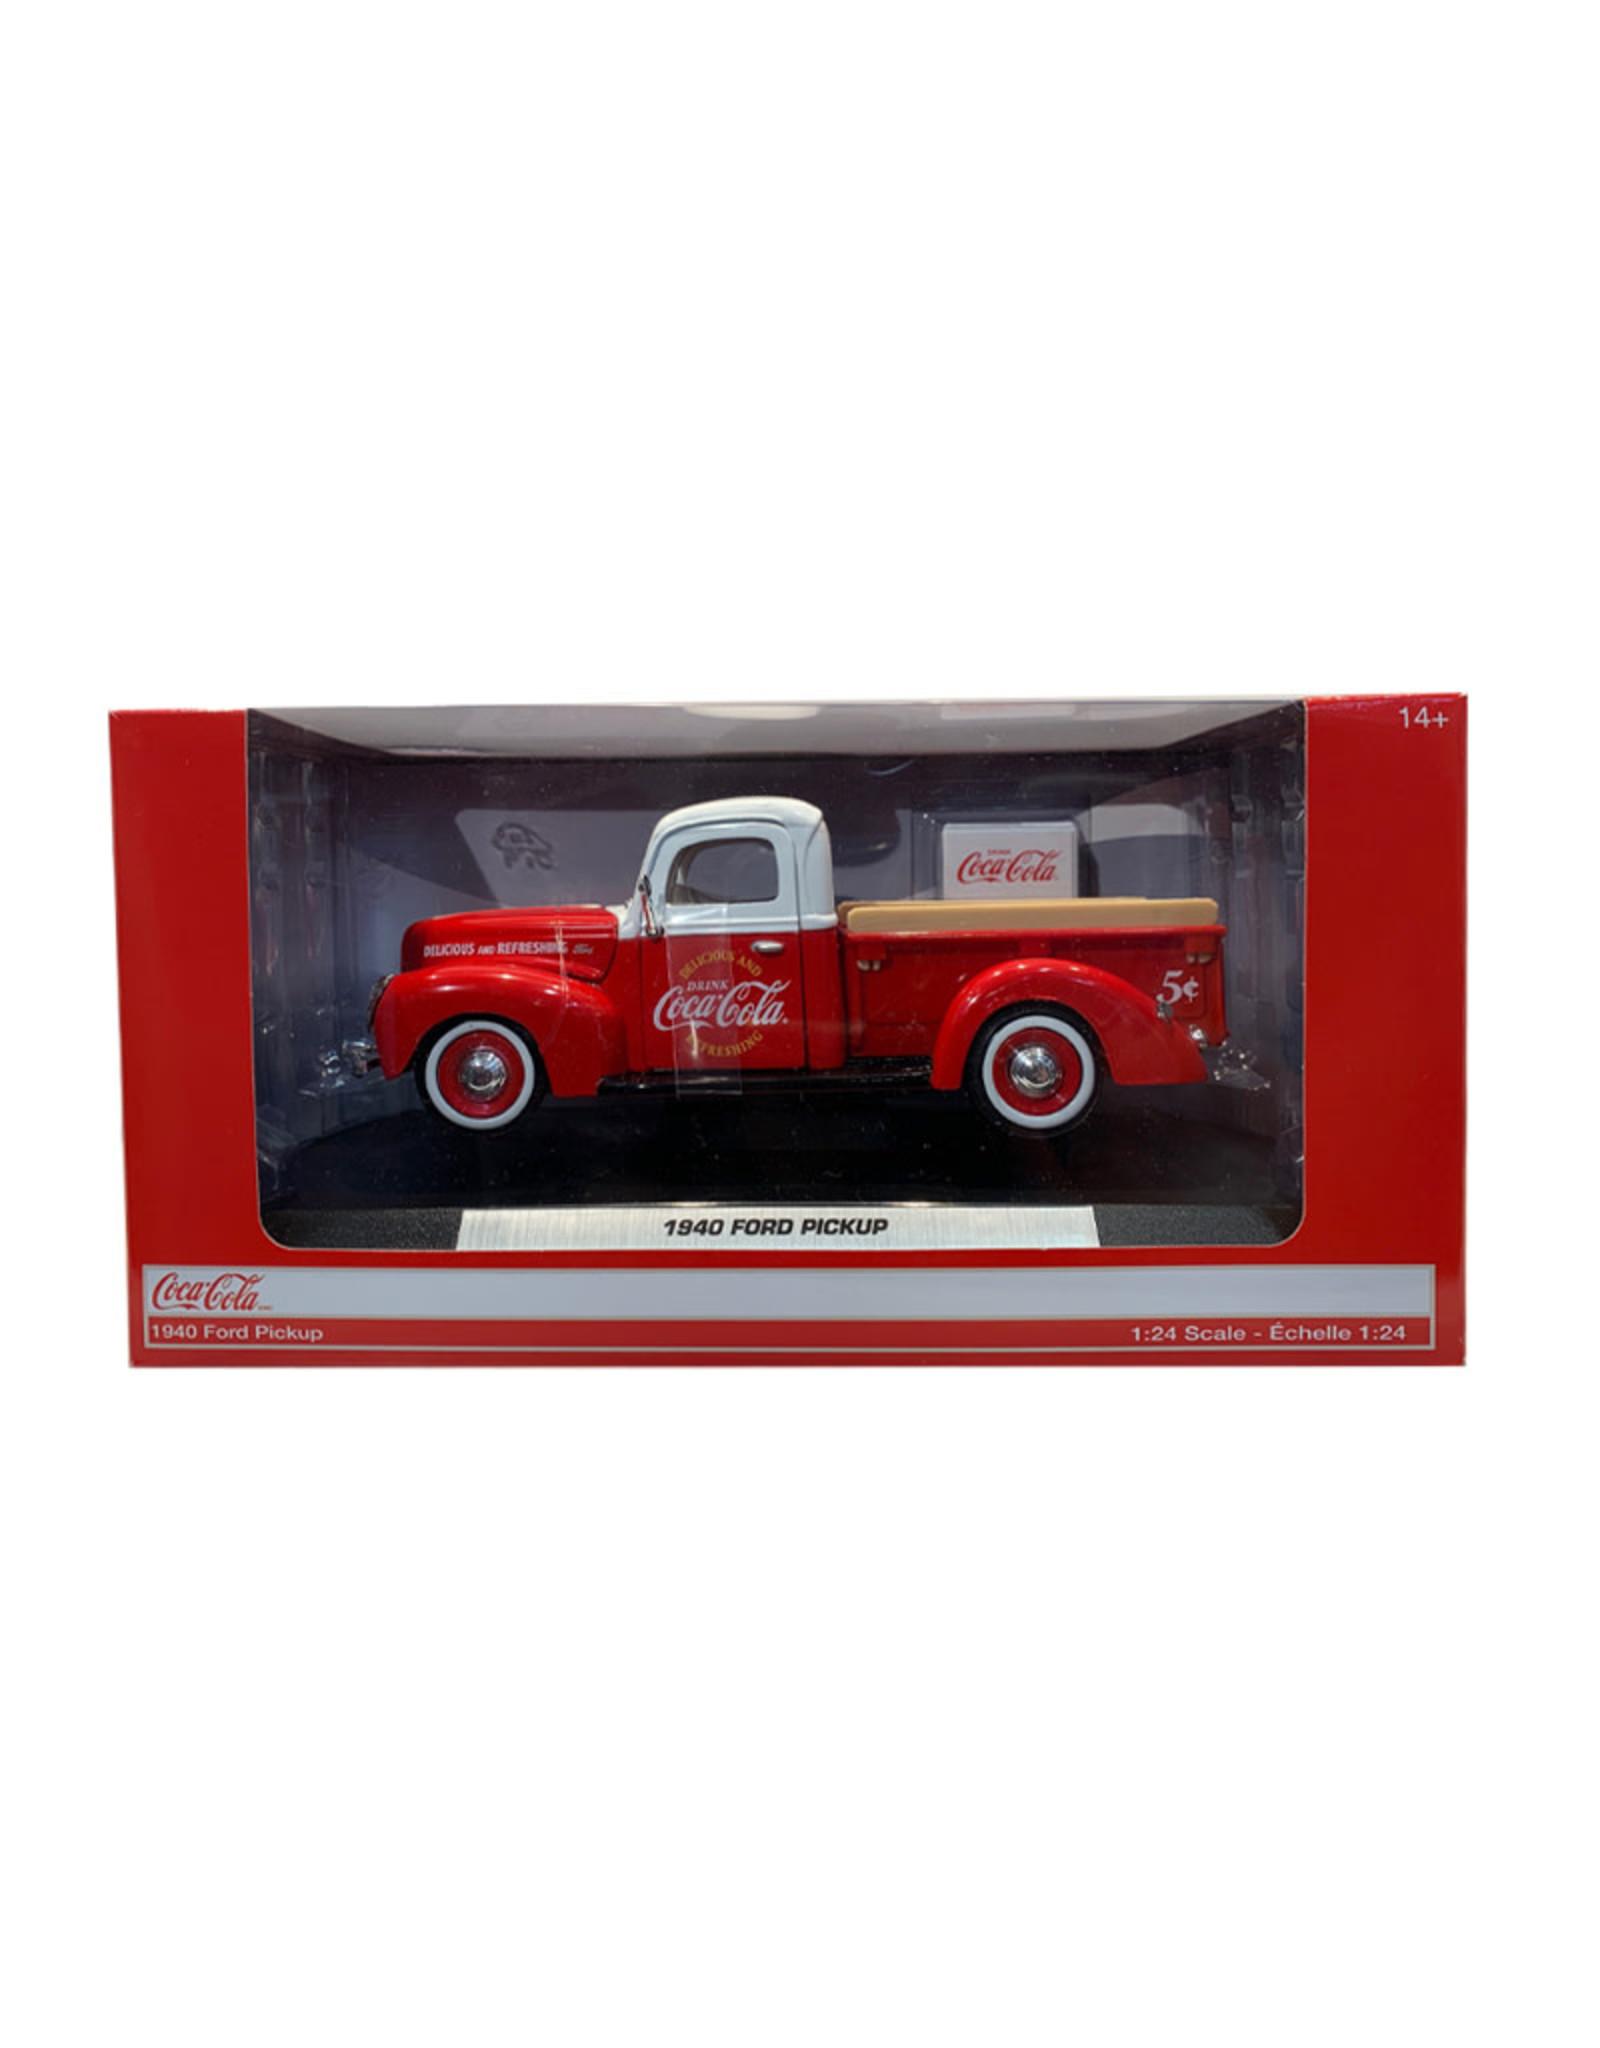 Coca-Cola Coca-Cola ( Diecast ) 1940 Ford Pickup